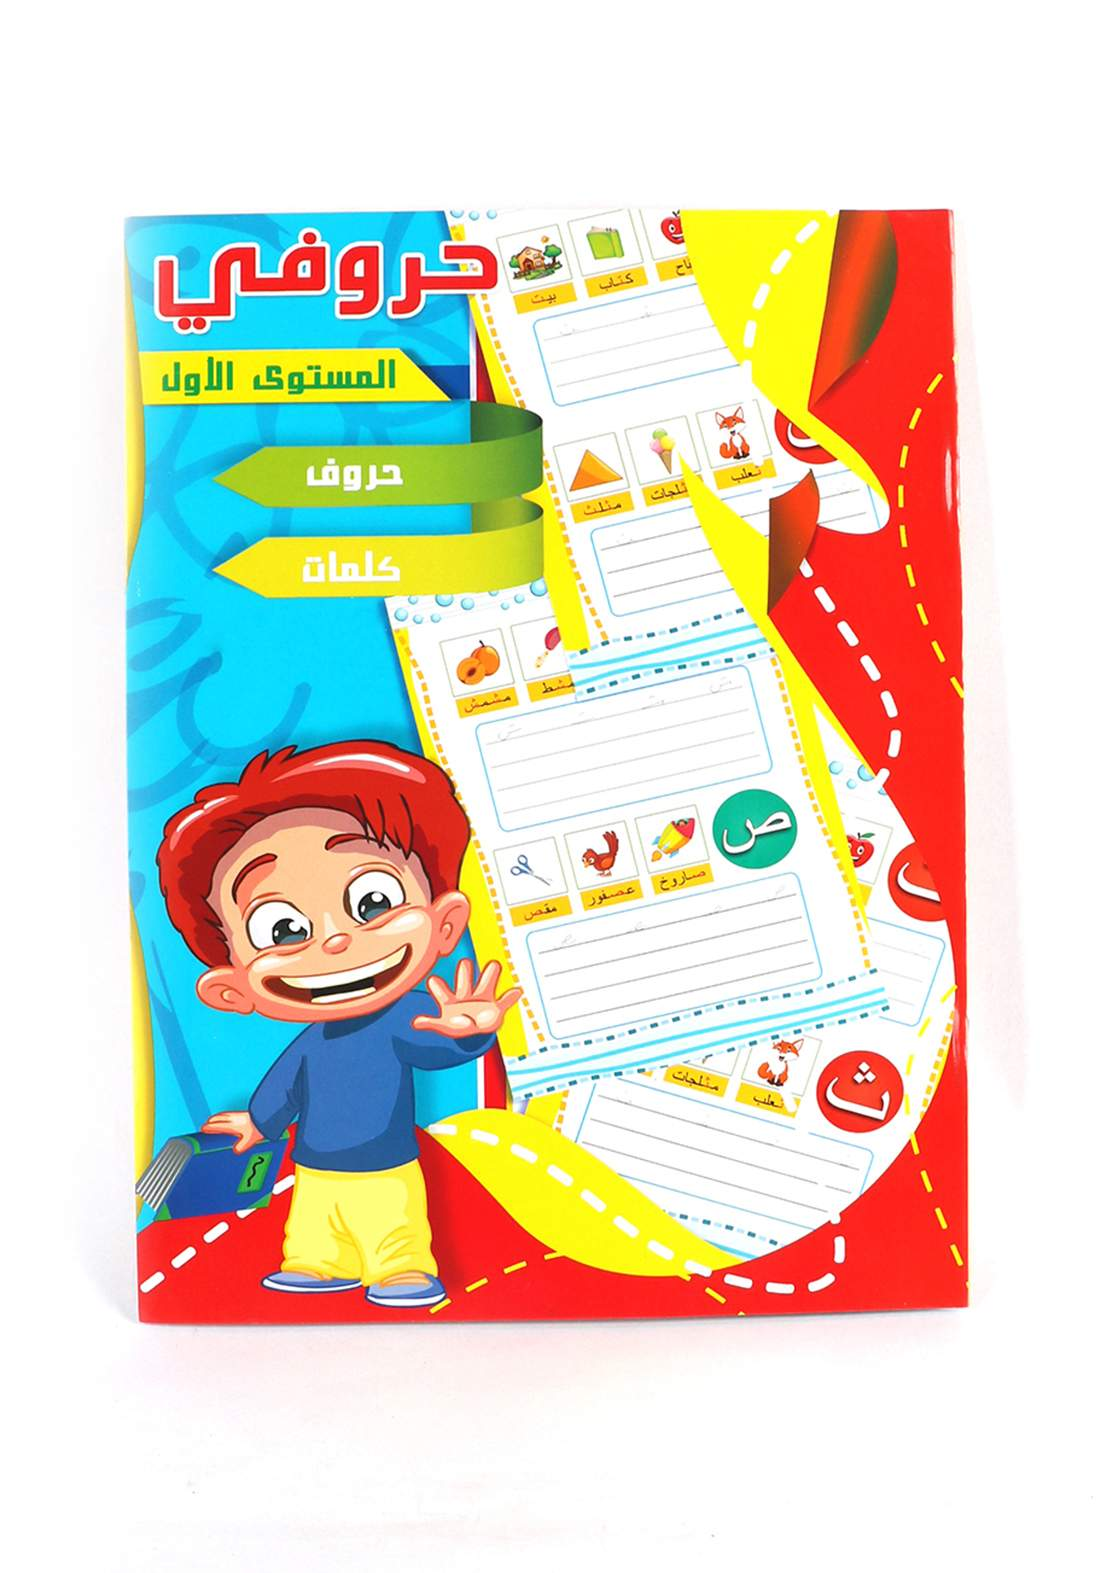 كتاب تعليم الحروف للاطفال